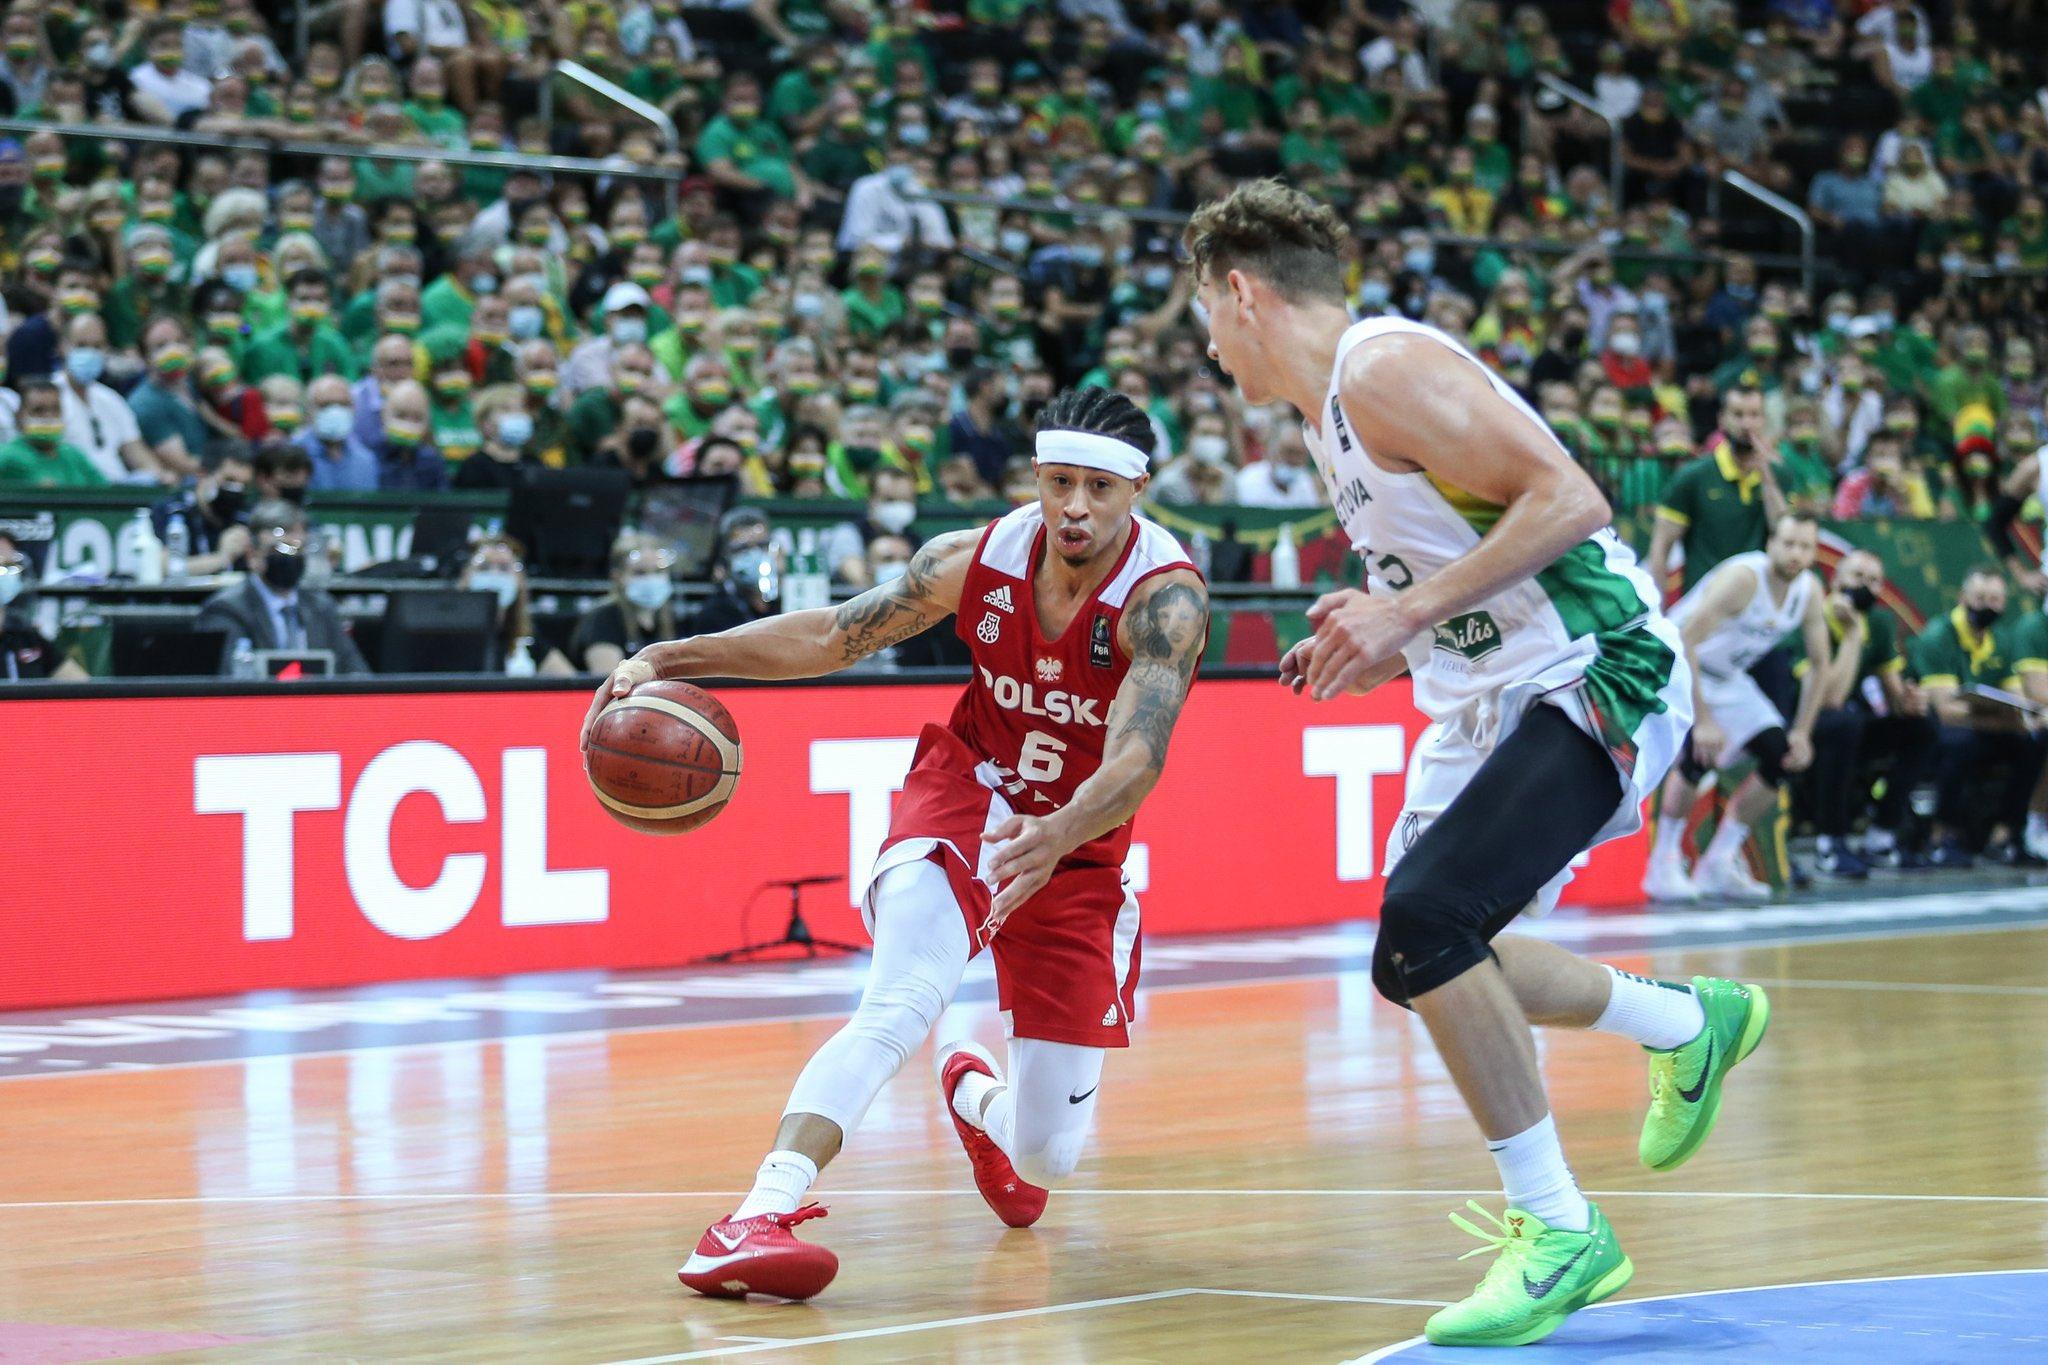 Dimša gana a Balcerowski y Slaughter y Lituania jugará la final del Preolímpico